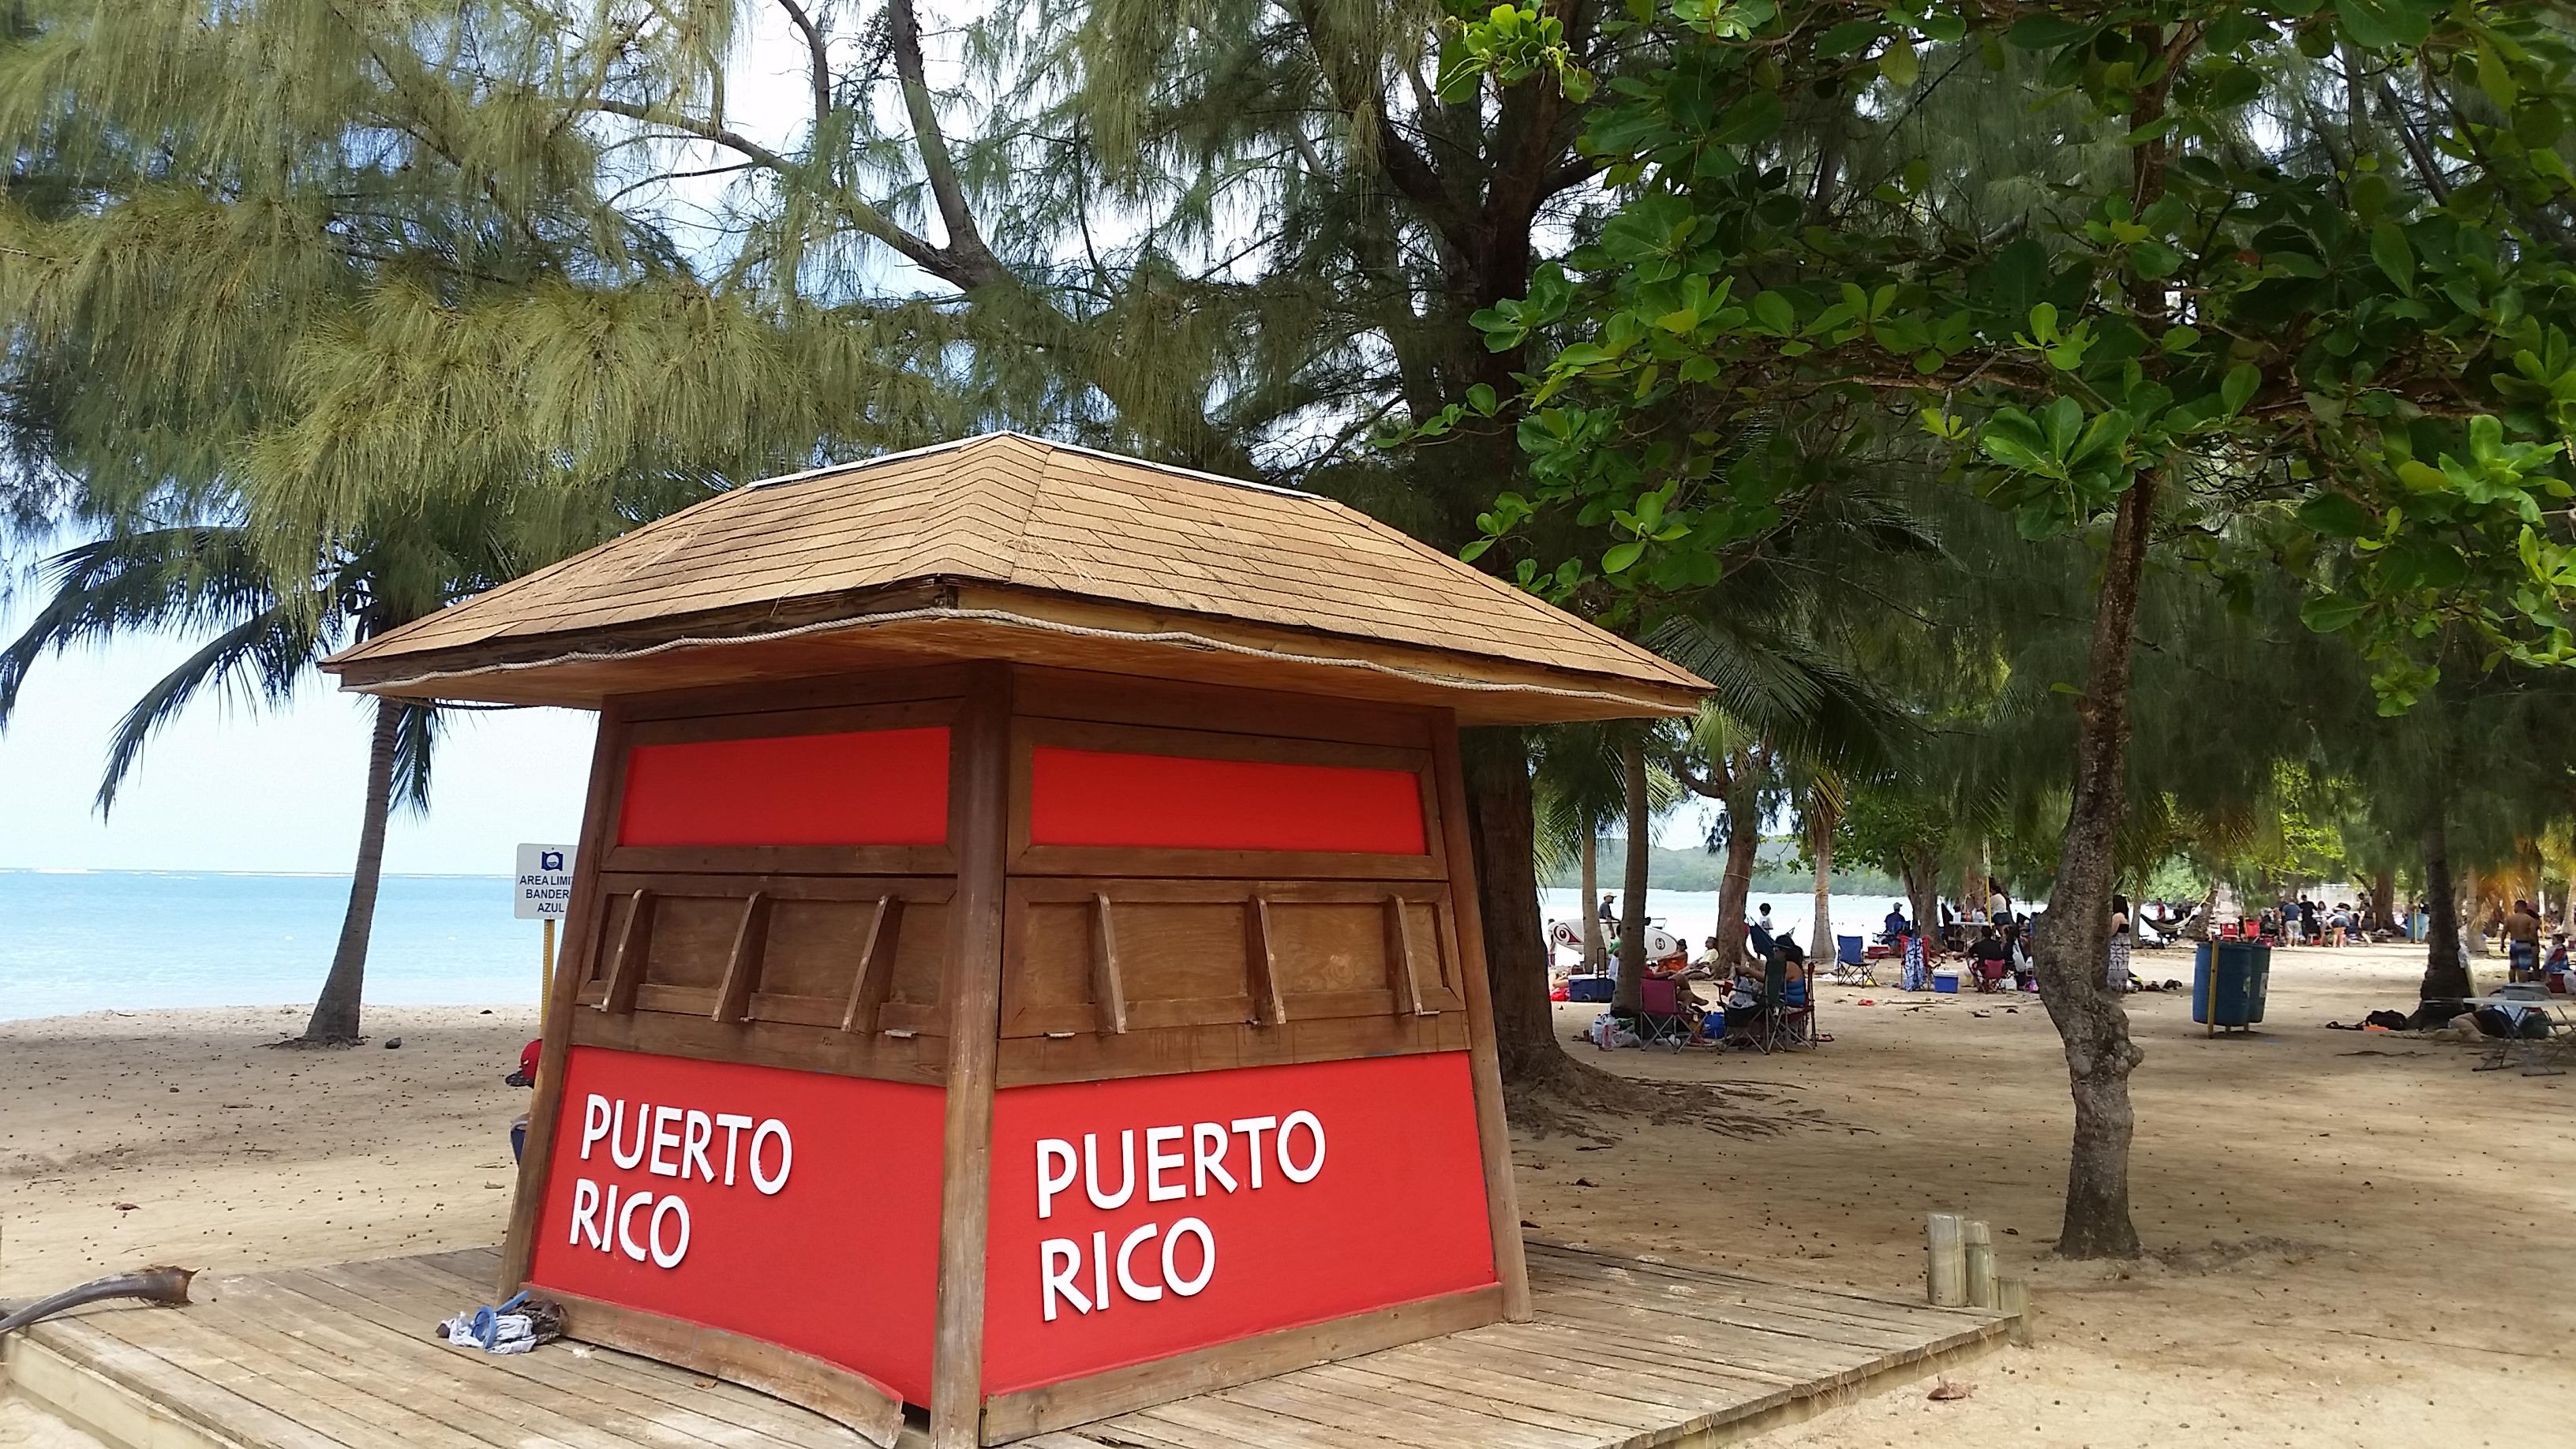 7 Seas Beach, Fajardo